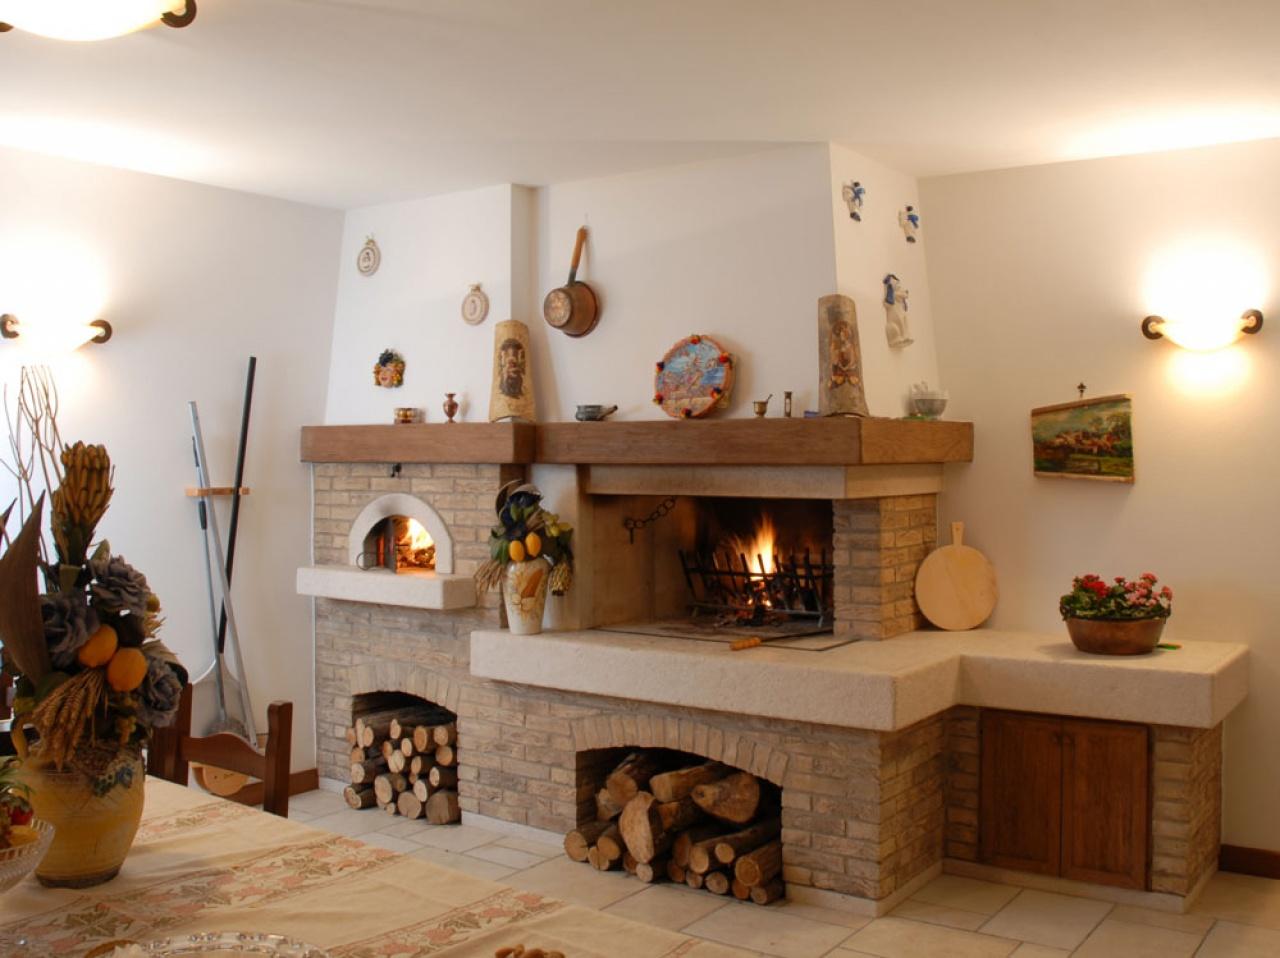 Forno A Legna Con Camino caminetto rustico ad angolo, con forno per pizza e pane